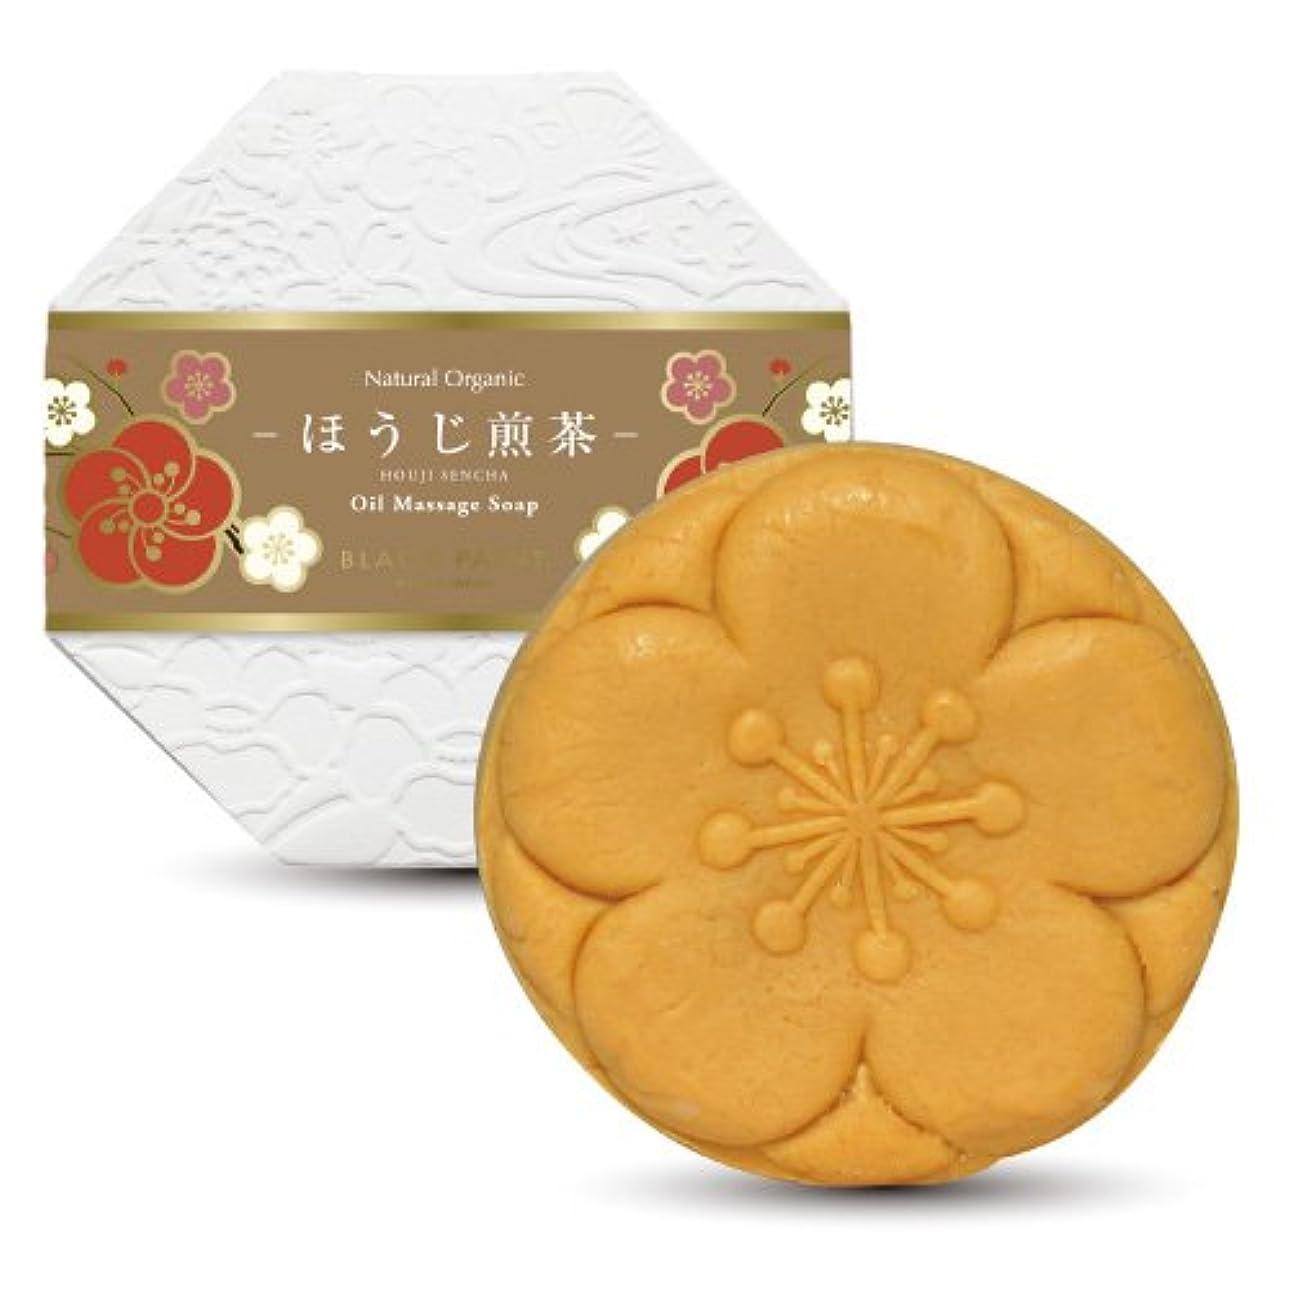 桃ジャズジャンピングジャック京のお茶石鹸 ほうじ煎茶 120g 塗る石鹸